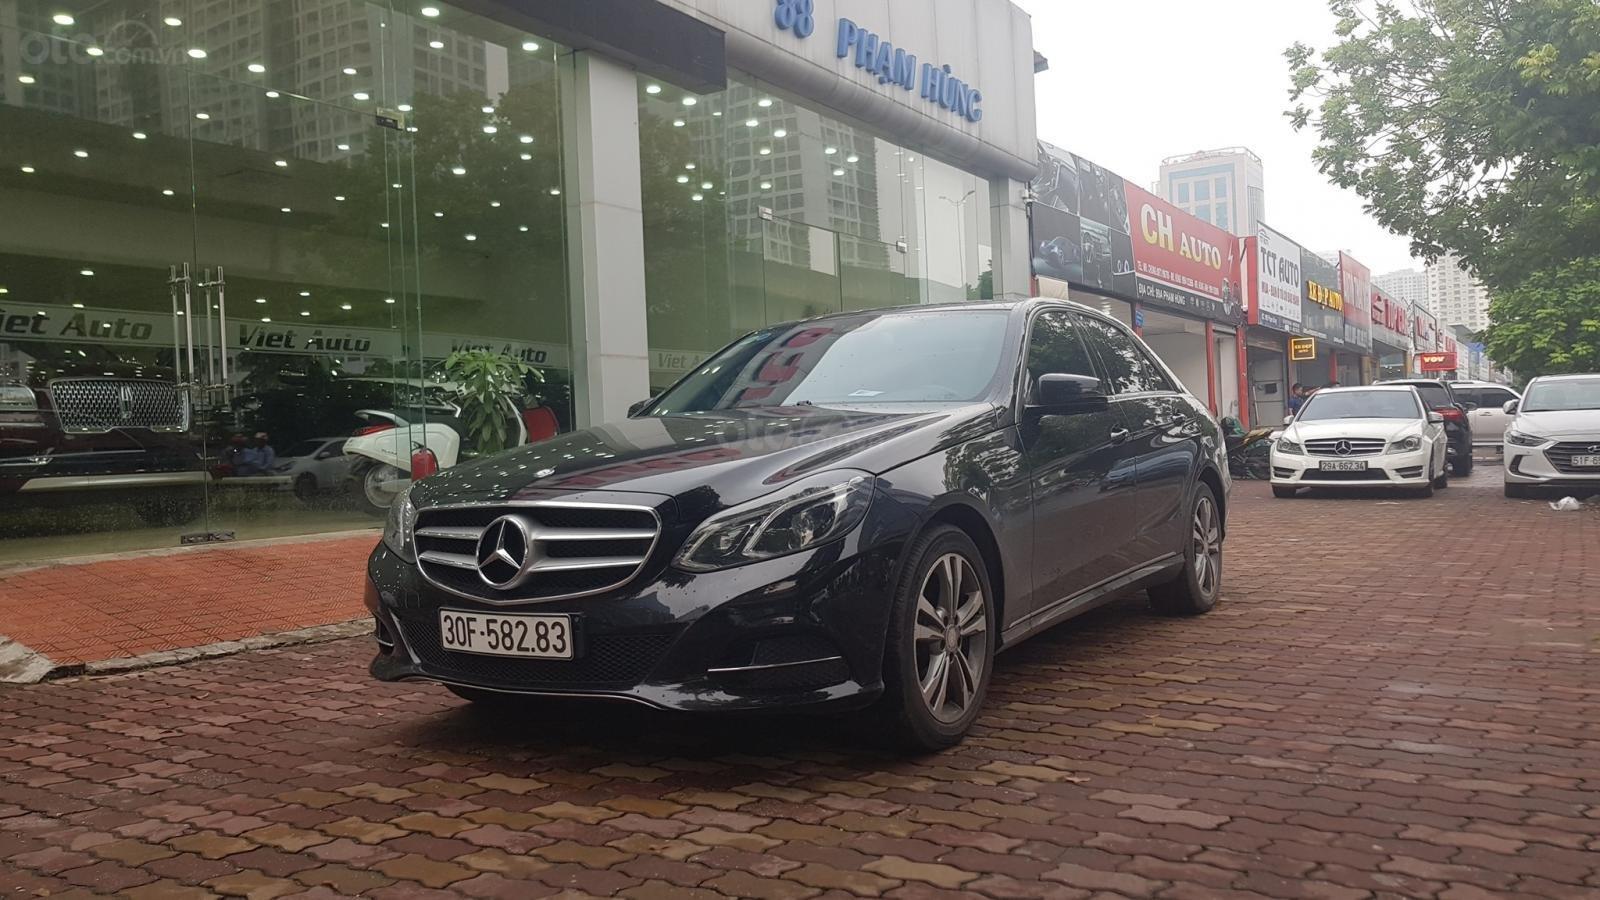 Cần bán xe Mercedes E250 CGI sản xuất 2013 đăng ký cá nhân (3)